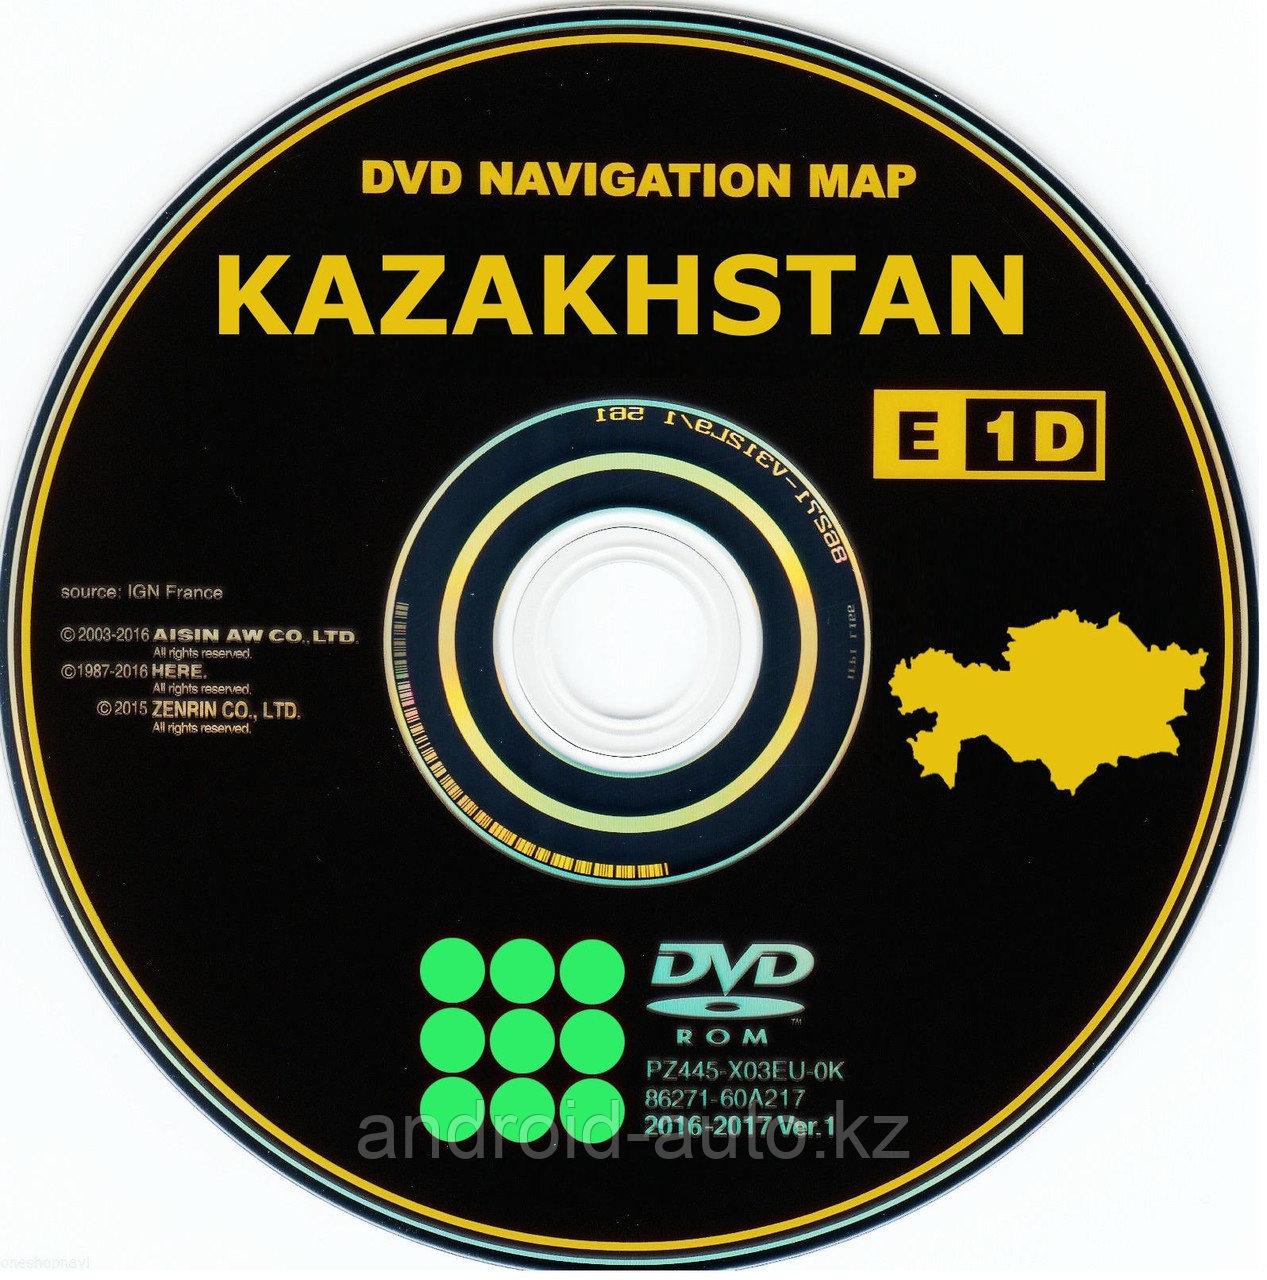 НОВИНКА!!! Новые за 2020 DVD Карты навигации по КАЗАХСТАНУ и Киргизии для LEXUS ES300 ES330 c 2002-2007год